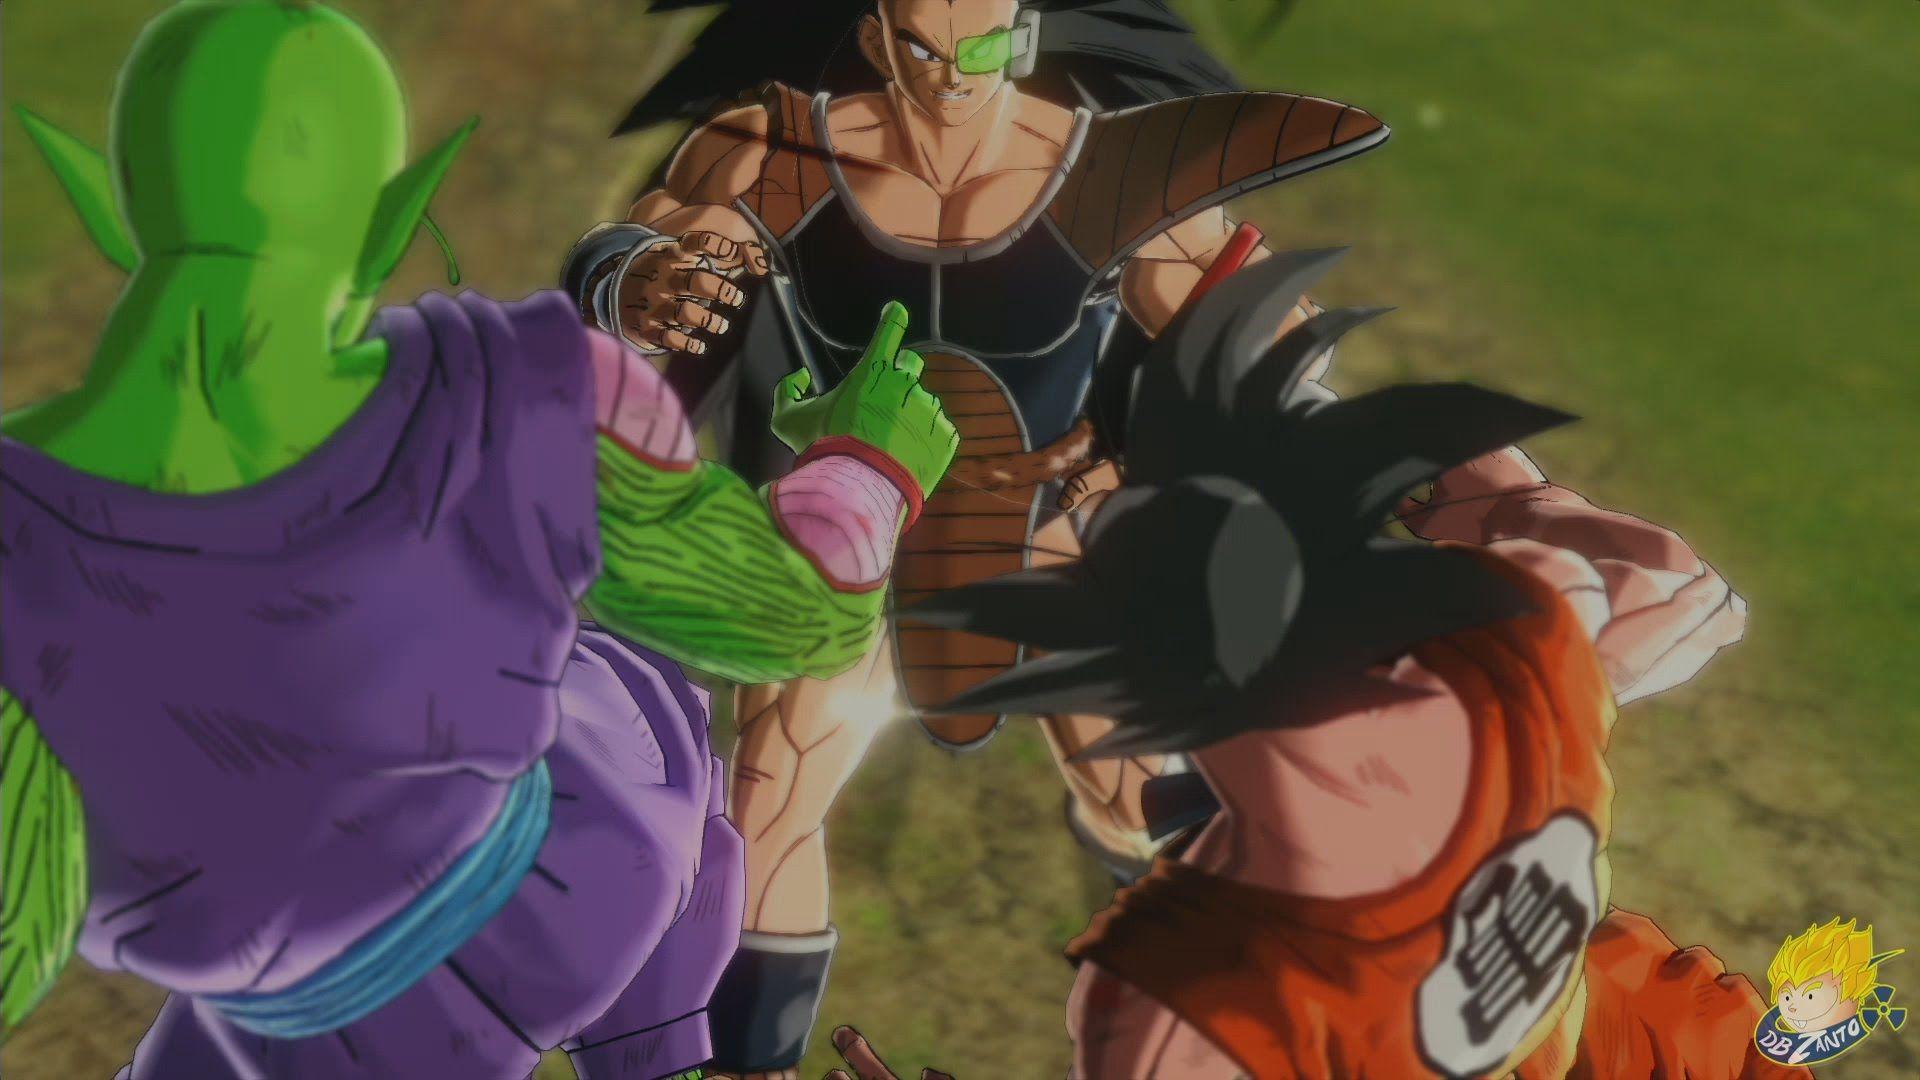 Dragon Ball Xenoverse Ps4 Goku Piccolo Dbzanto Vs Raditz Saiyan S Dragon Ball Goku Saiyan